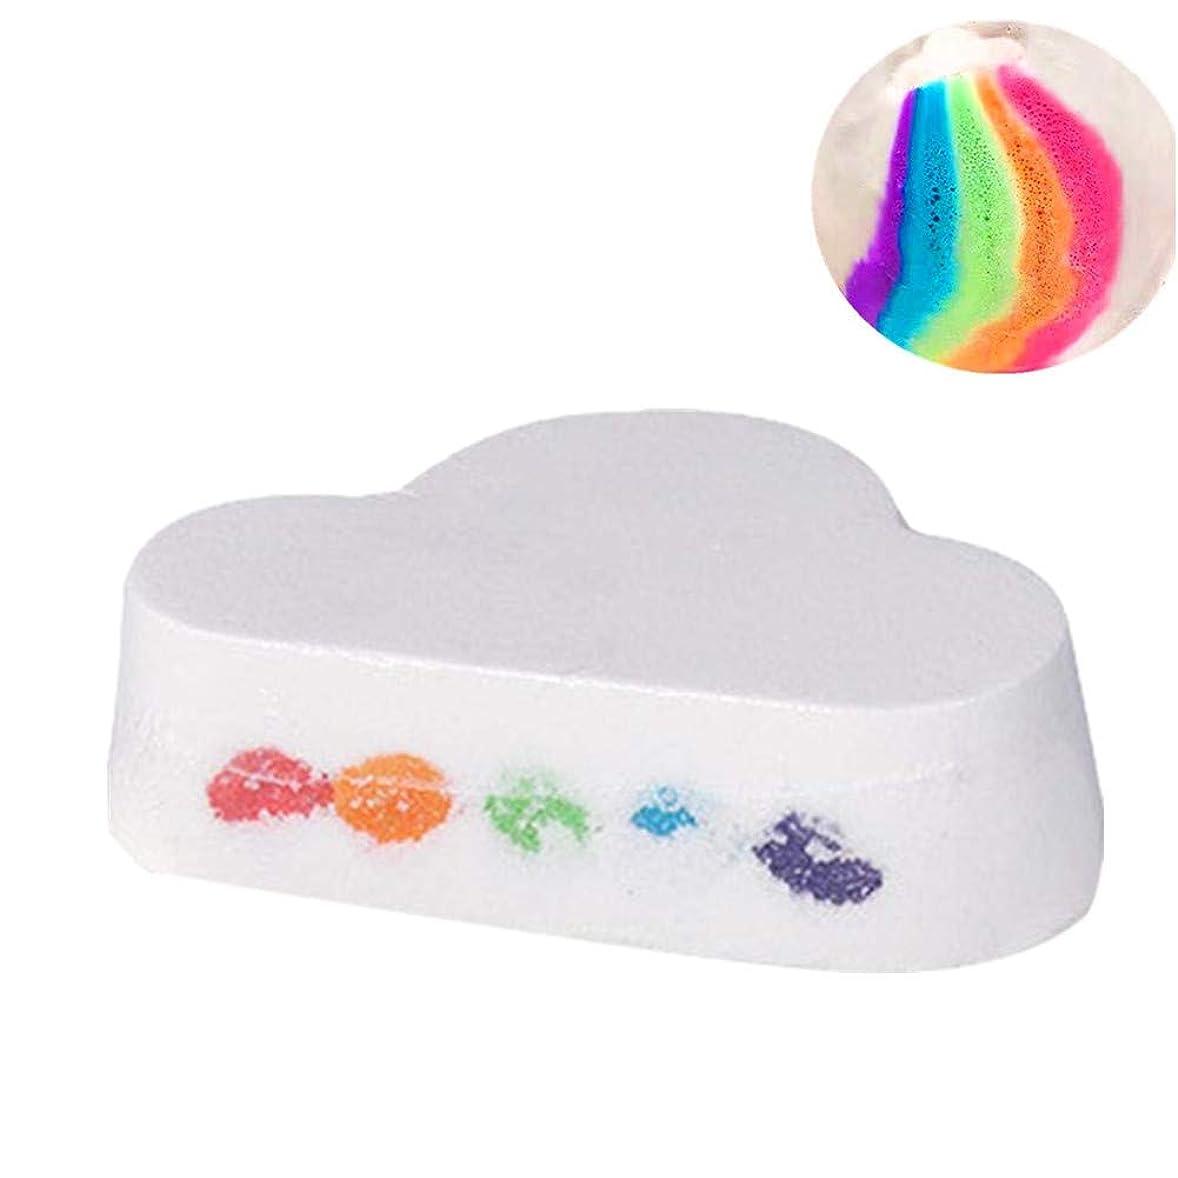 パンフレット追加一般レインボー クラウド 入浴ボール 入浴剤 風呂泡の泡立った浮遊物 虹色 女性用保湿スキンギフト